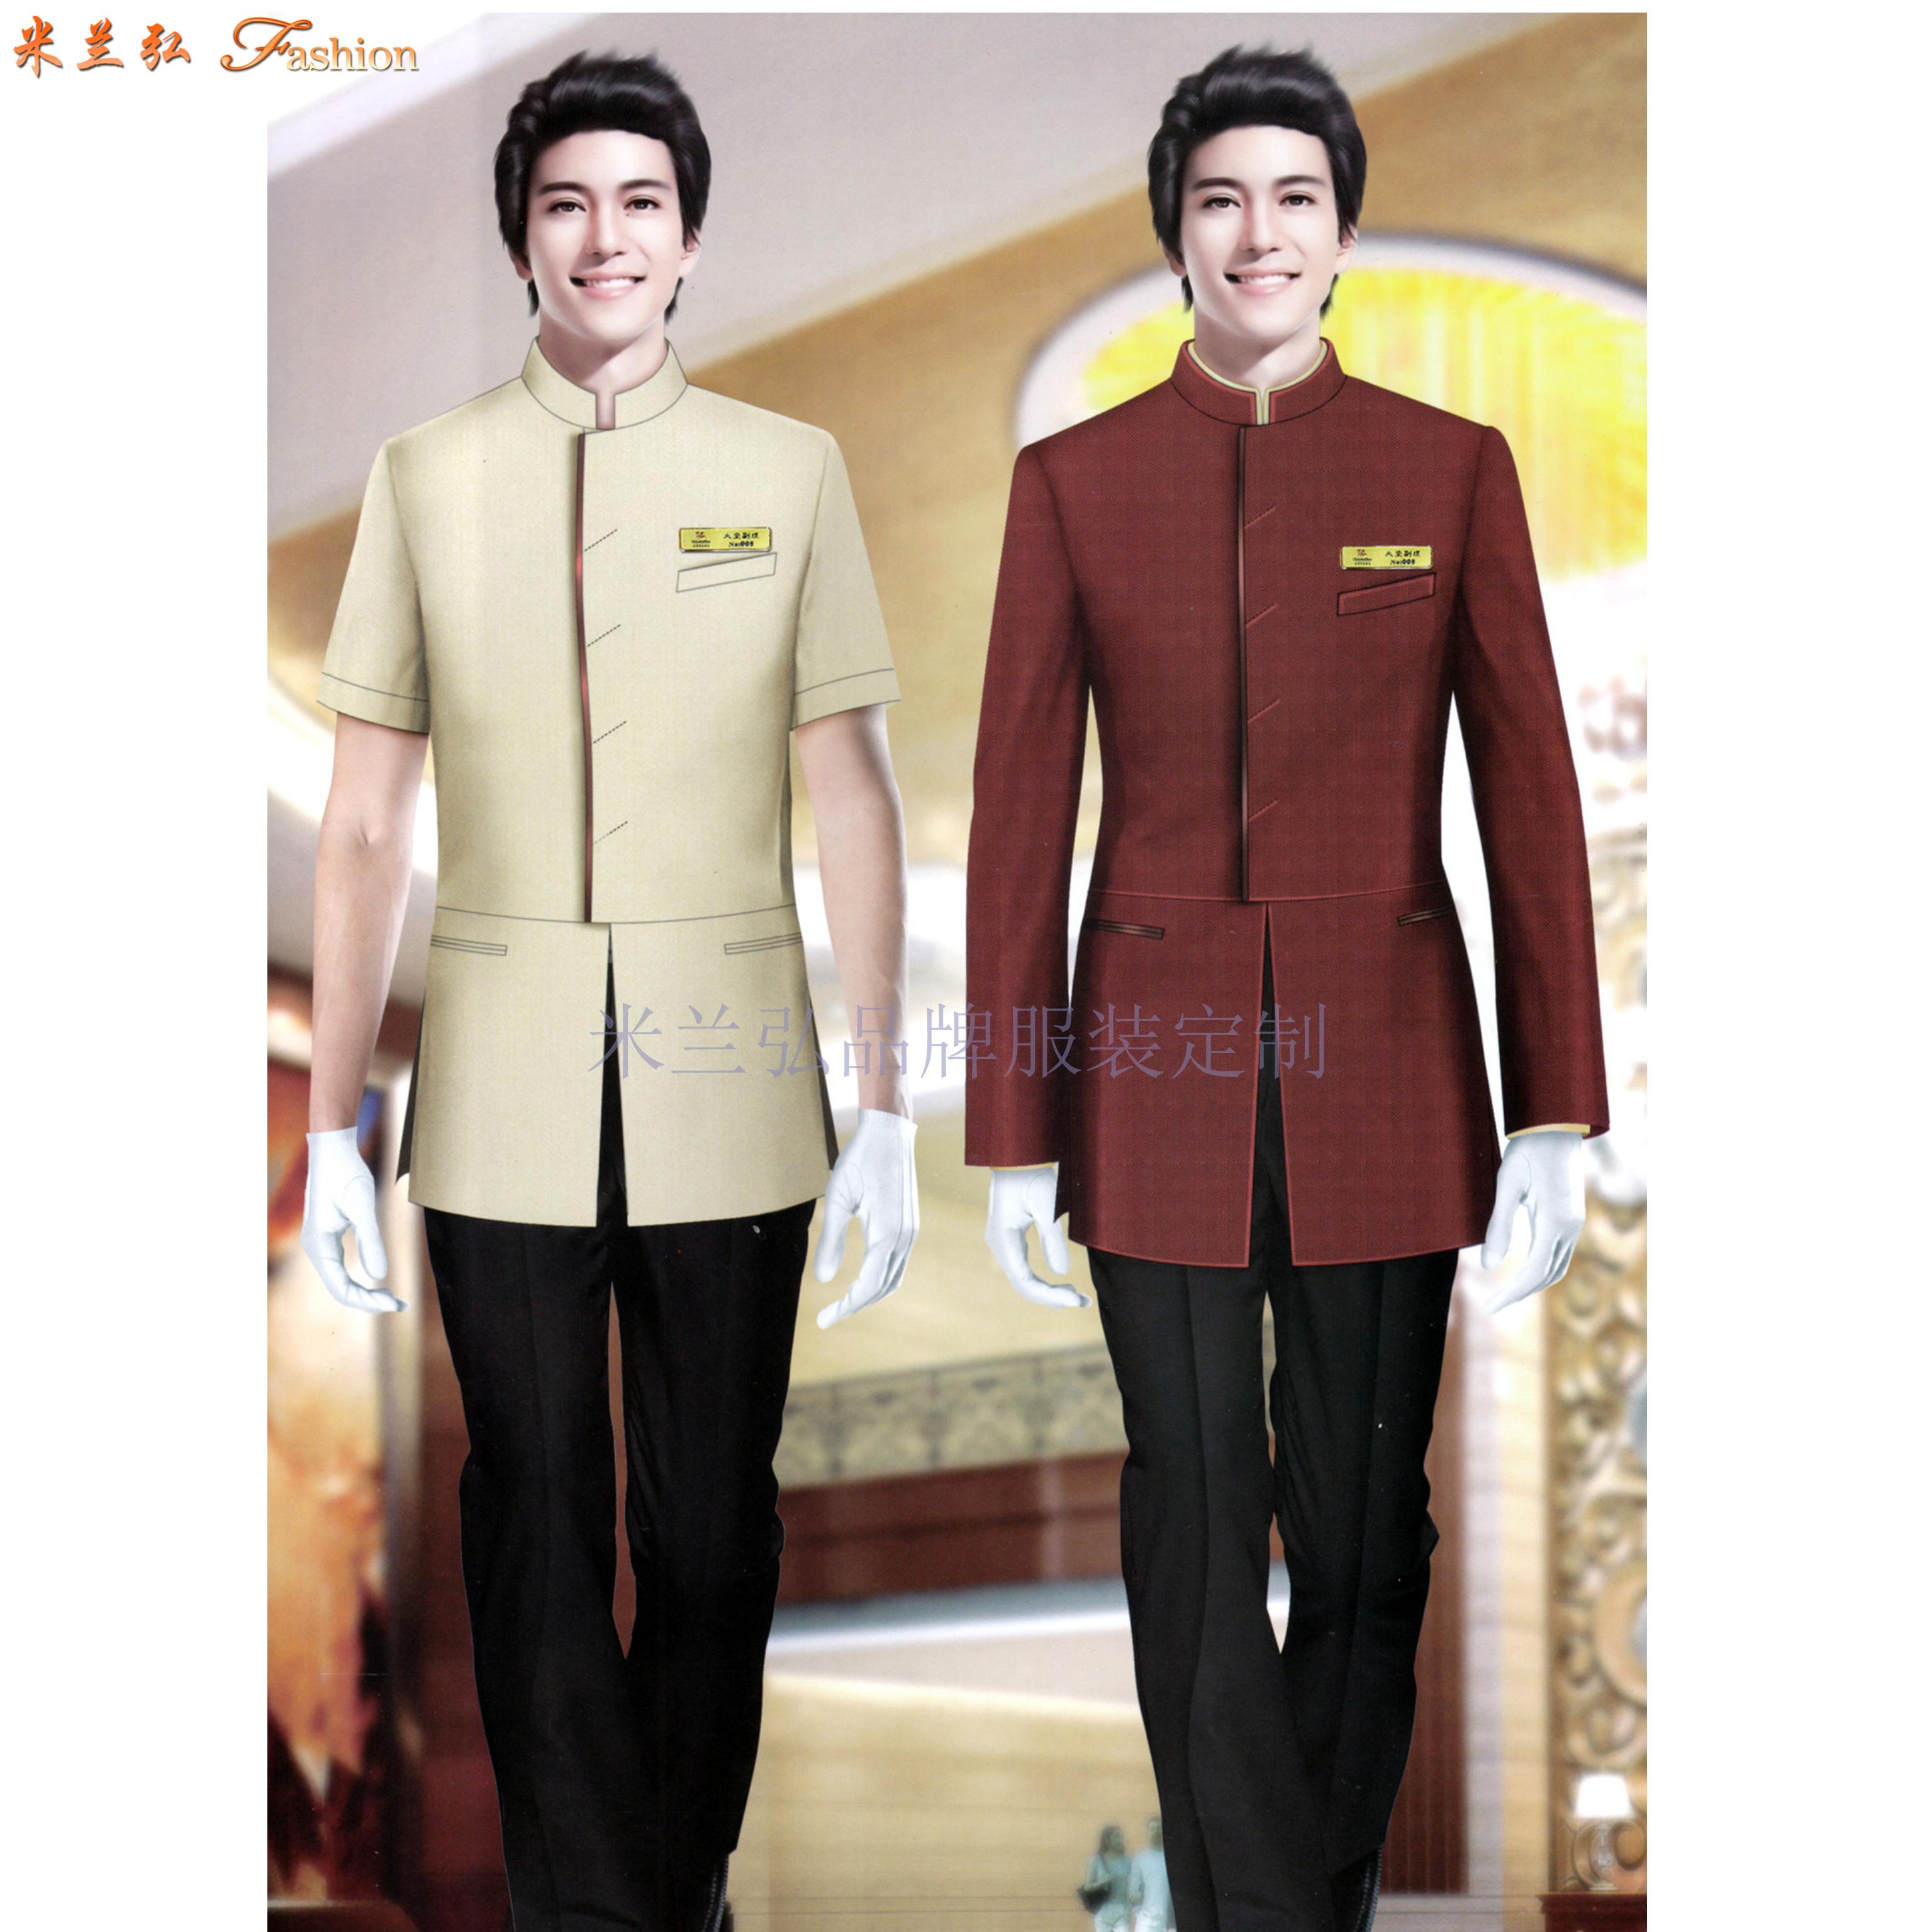 五星級酒店工服訂做-圖片_價格_參數_面料_尺寸-米蘭弘服裝-3